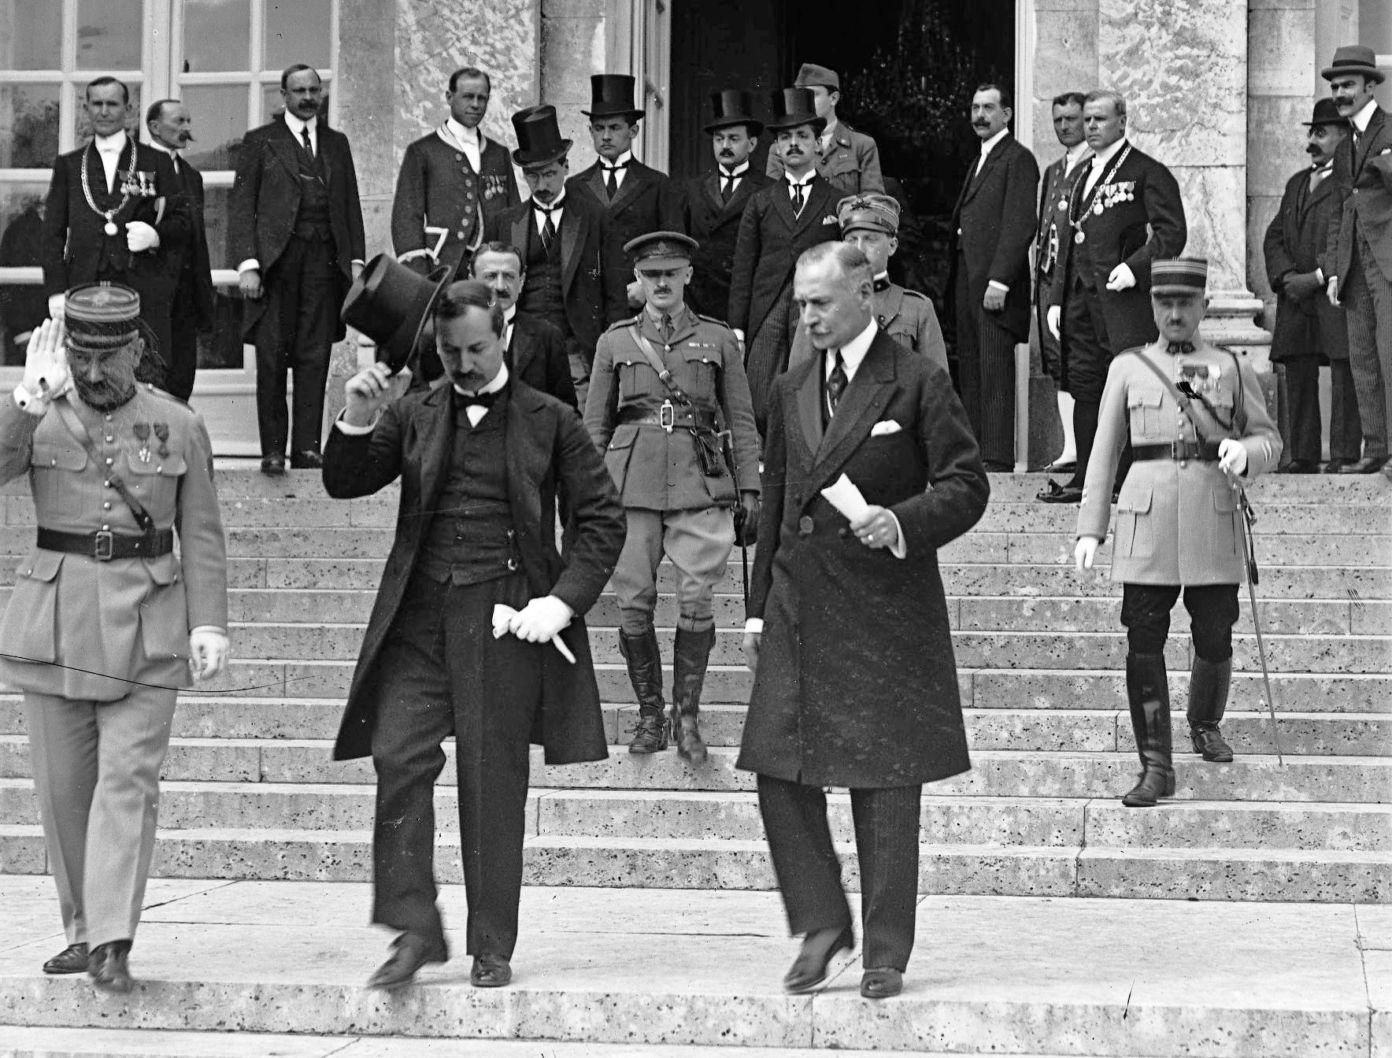 Évtizedekre megakasztott fejlődés: az első világháború és Trianon következményei Kiskőrösön